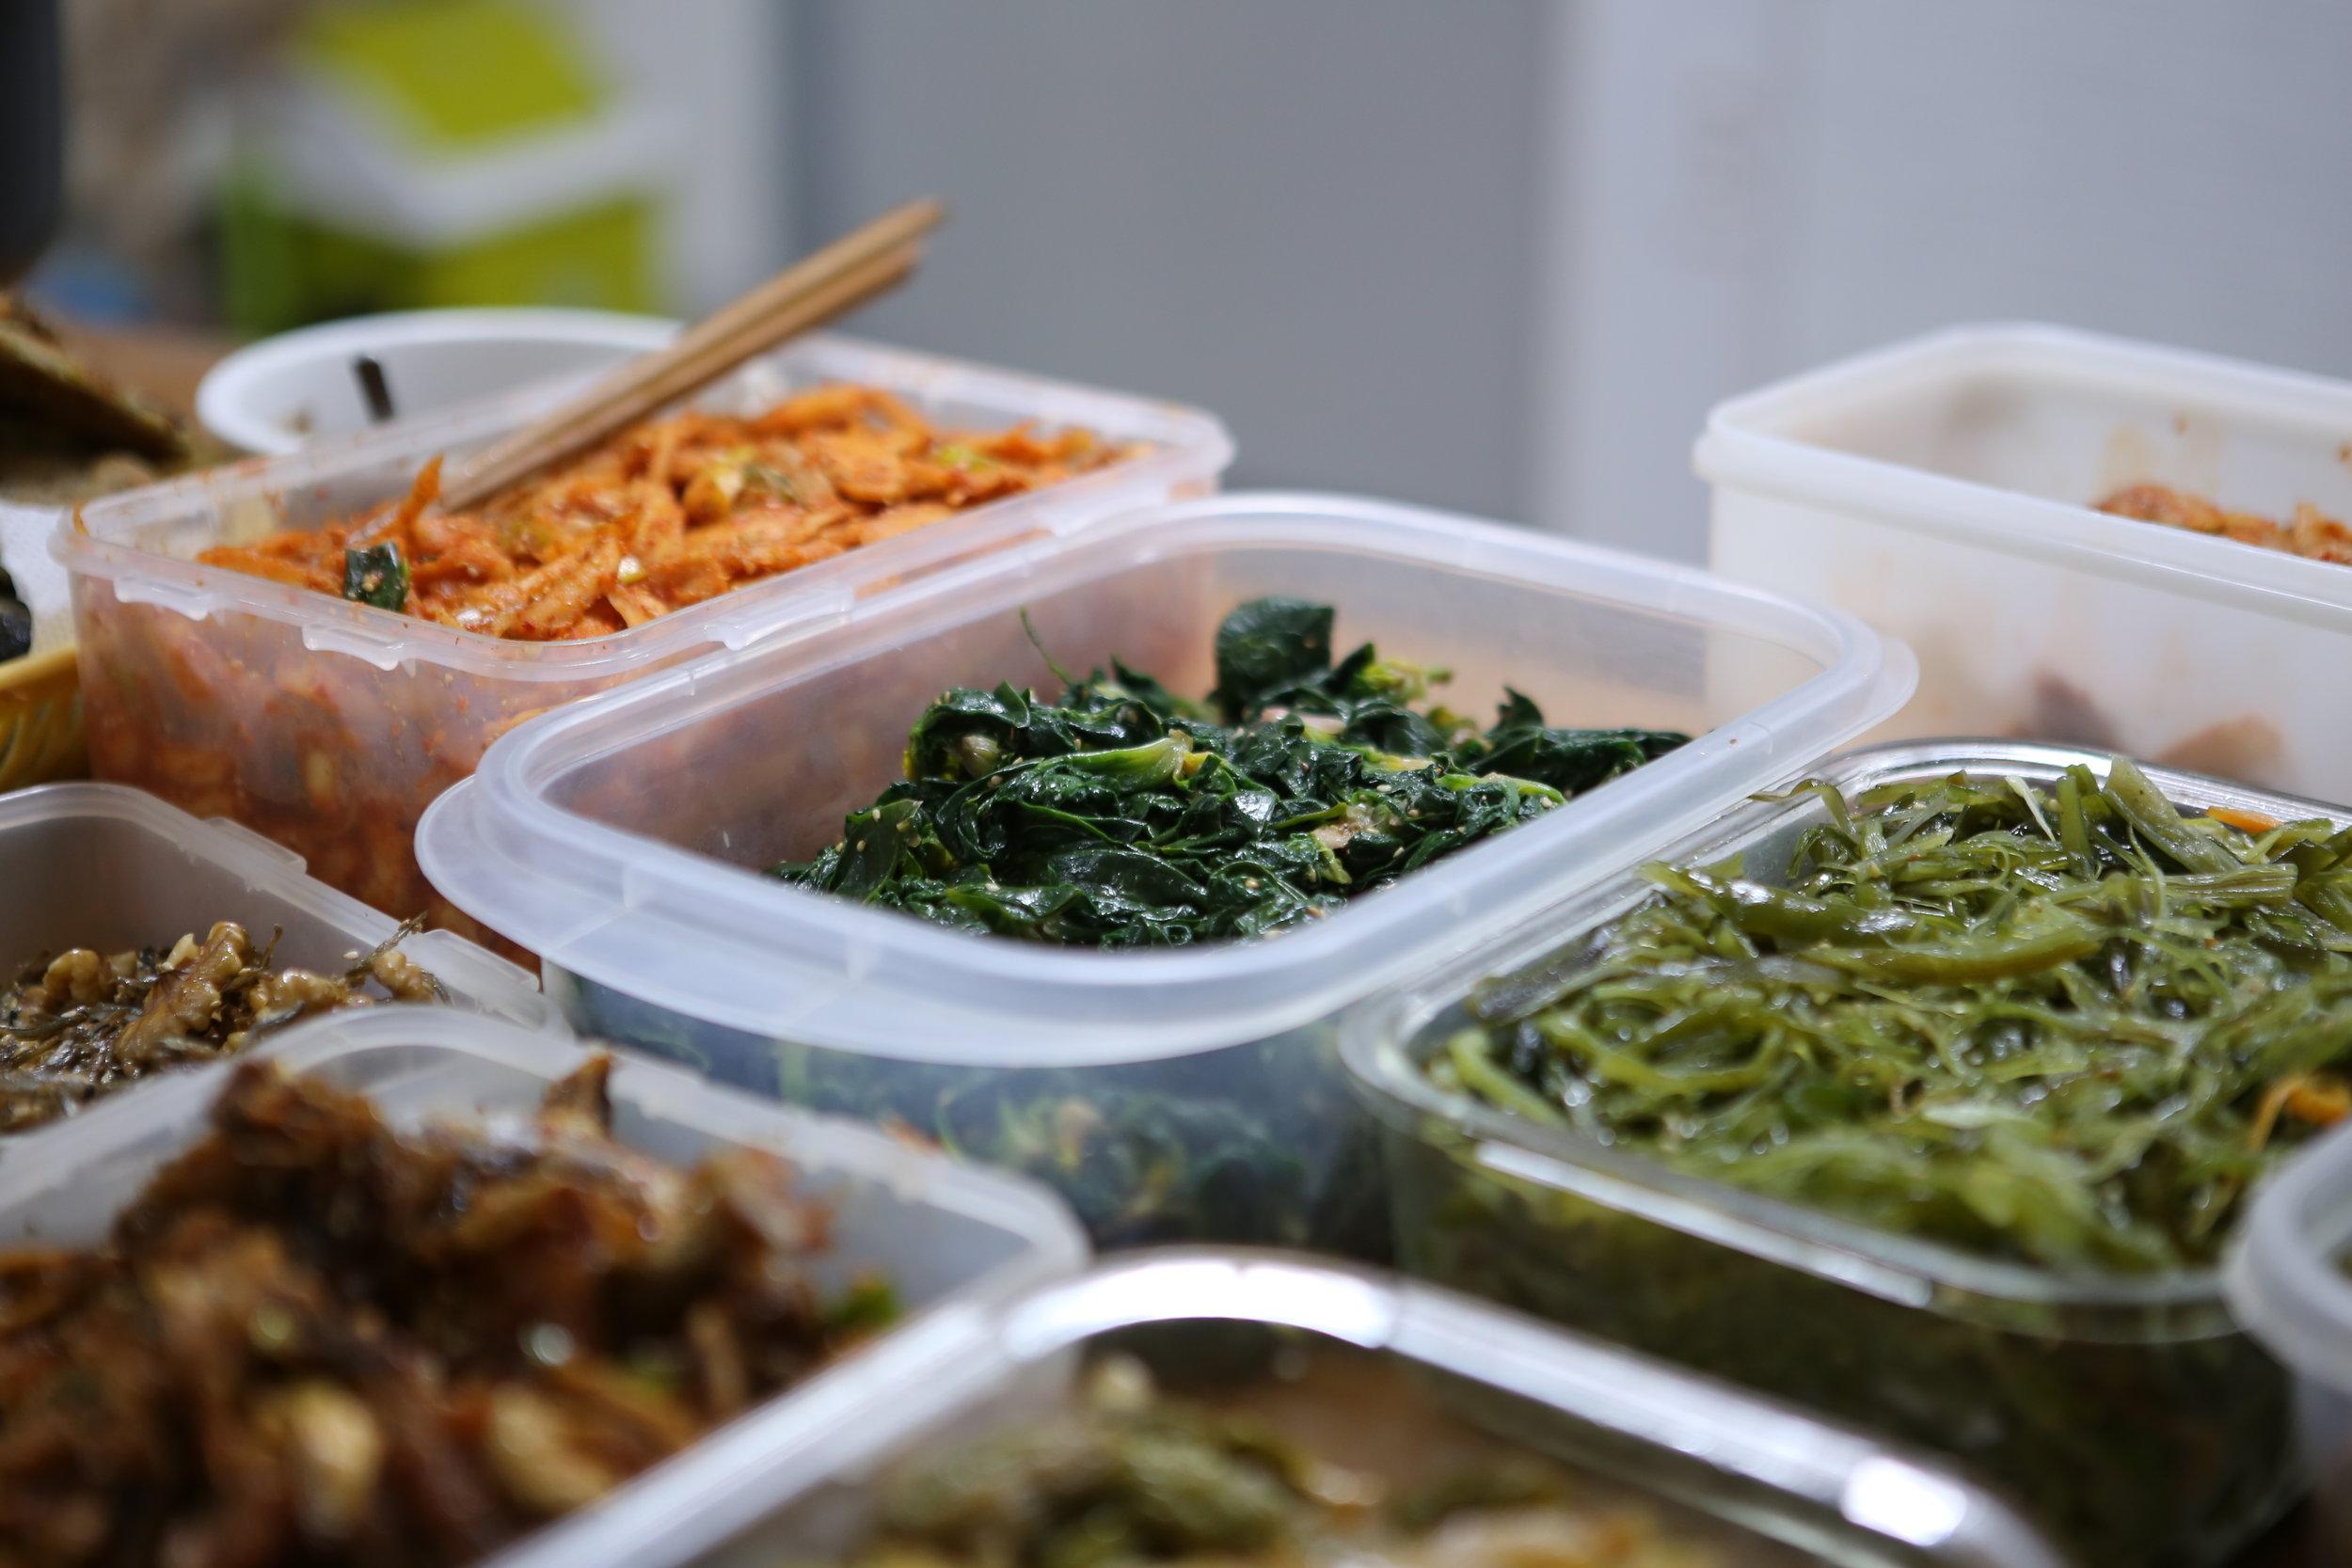 quale cibo dovresti evitare per perdere peso